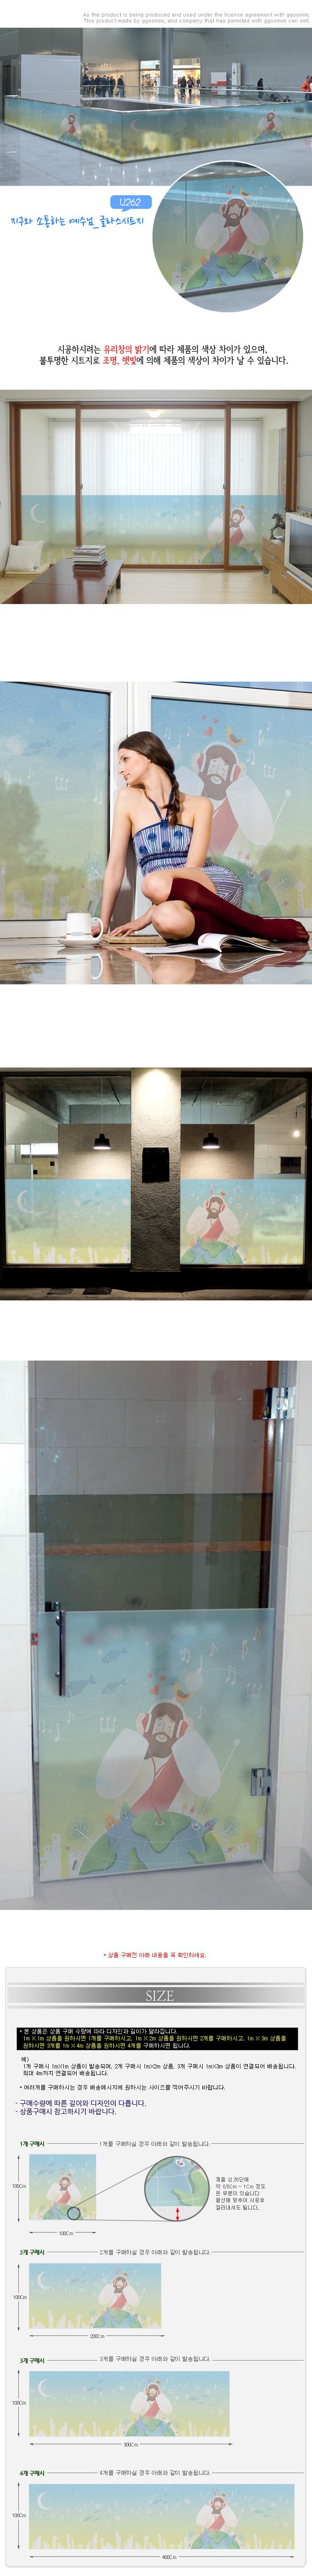 ij262-지구와소통하는 예수님_글라스시트지 - 꾸밈, 14,000원, 벽시/시트지, 디자인 시트지